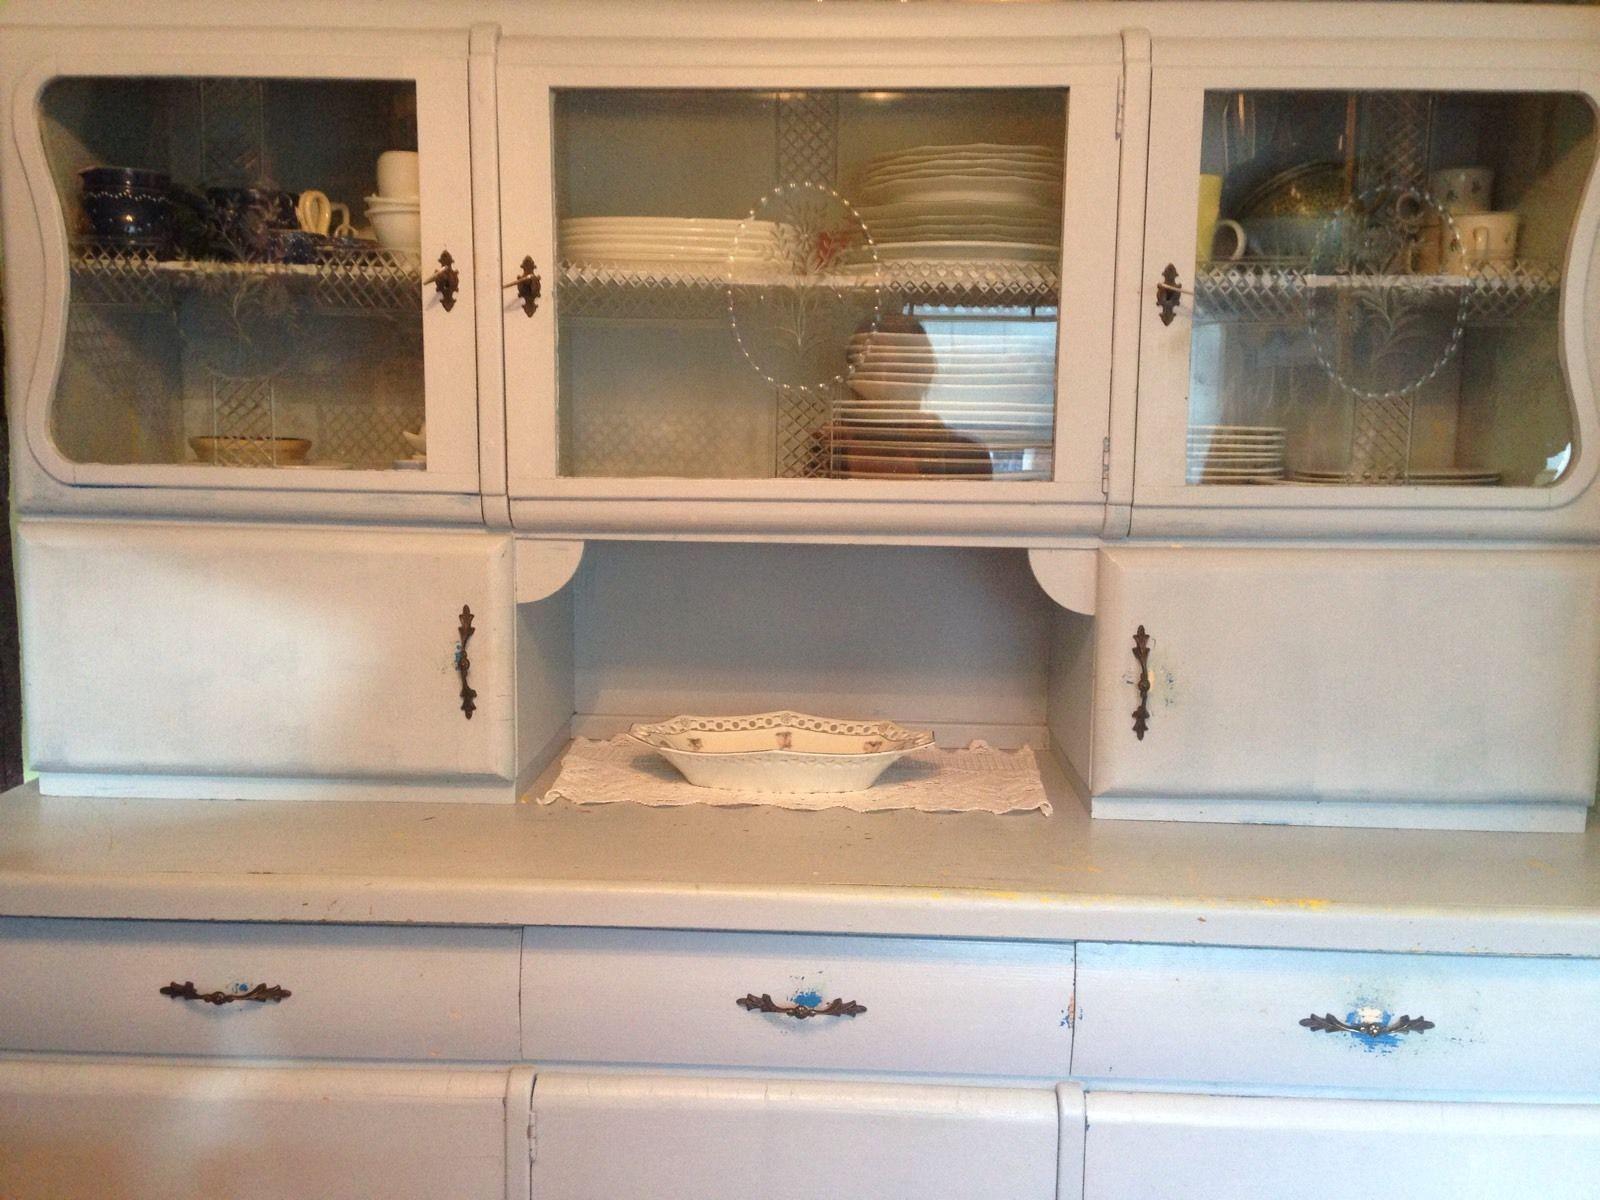 Buffet Küchenschrank ~ Details zu antikes küchen buffet küchenschrank kunst interieur